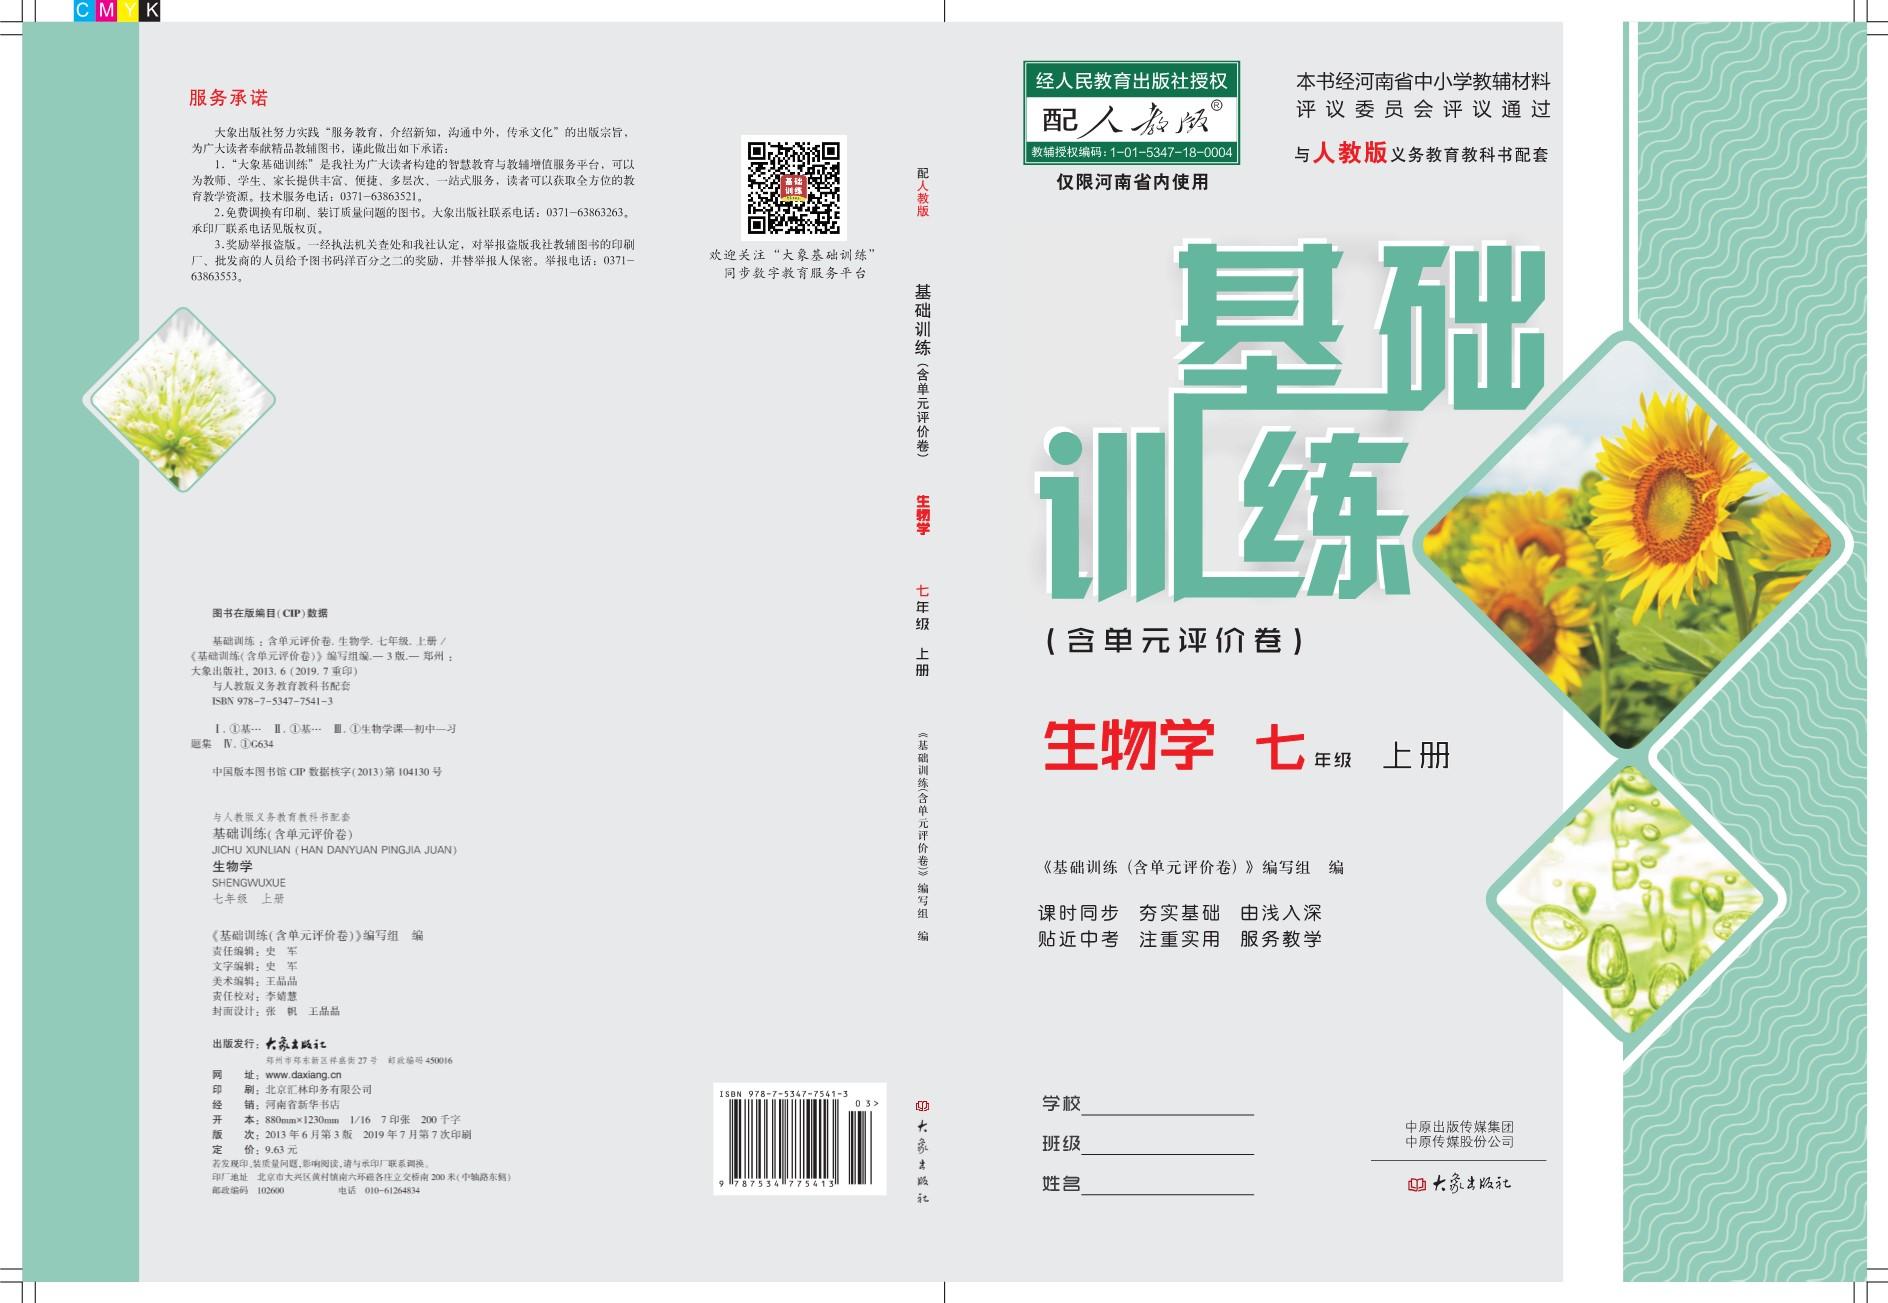 01191107 七年级生物学基础训练 人教版  上册 含单元评价卷 不带答案 大象出版社 19年秋季教辅